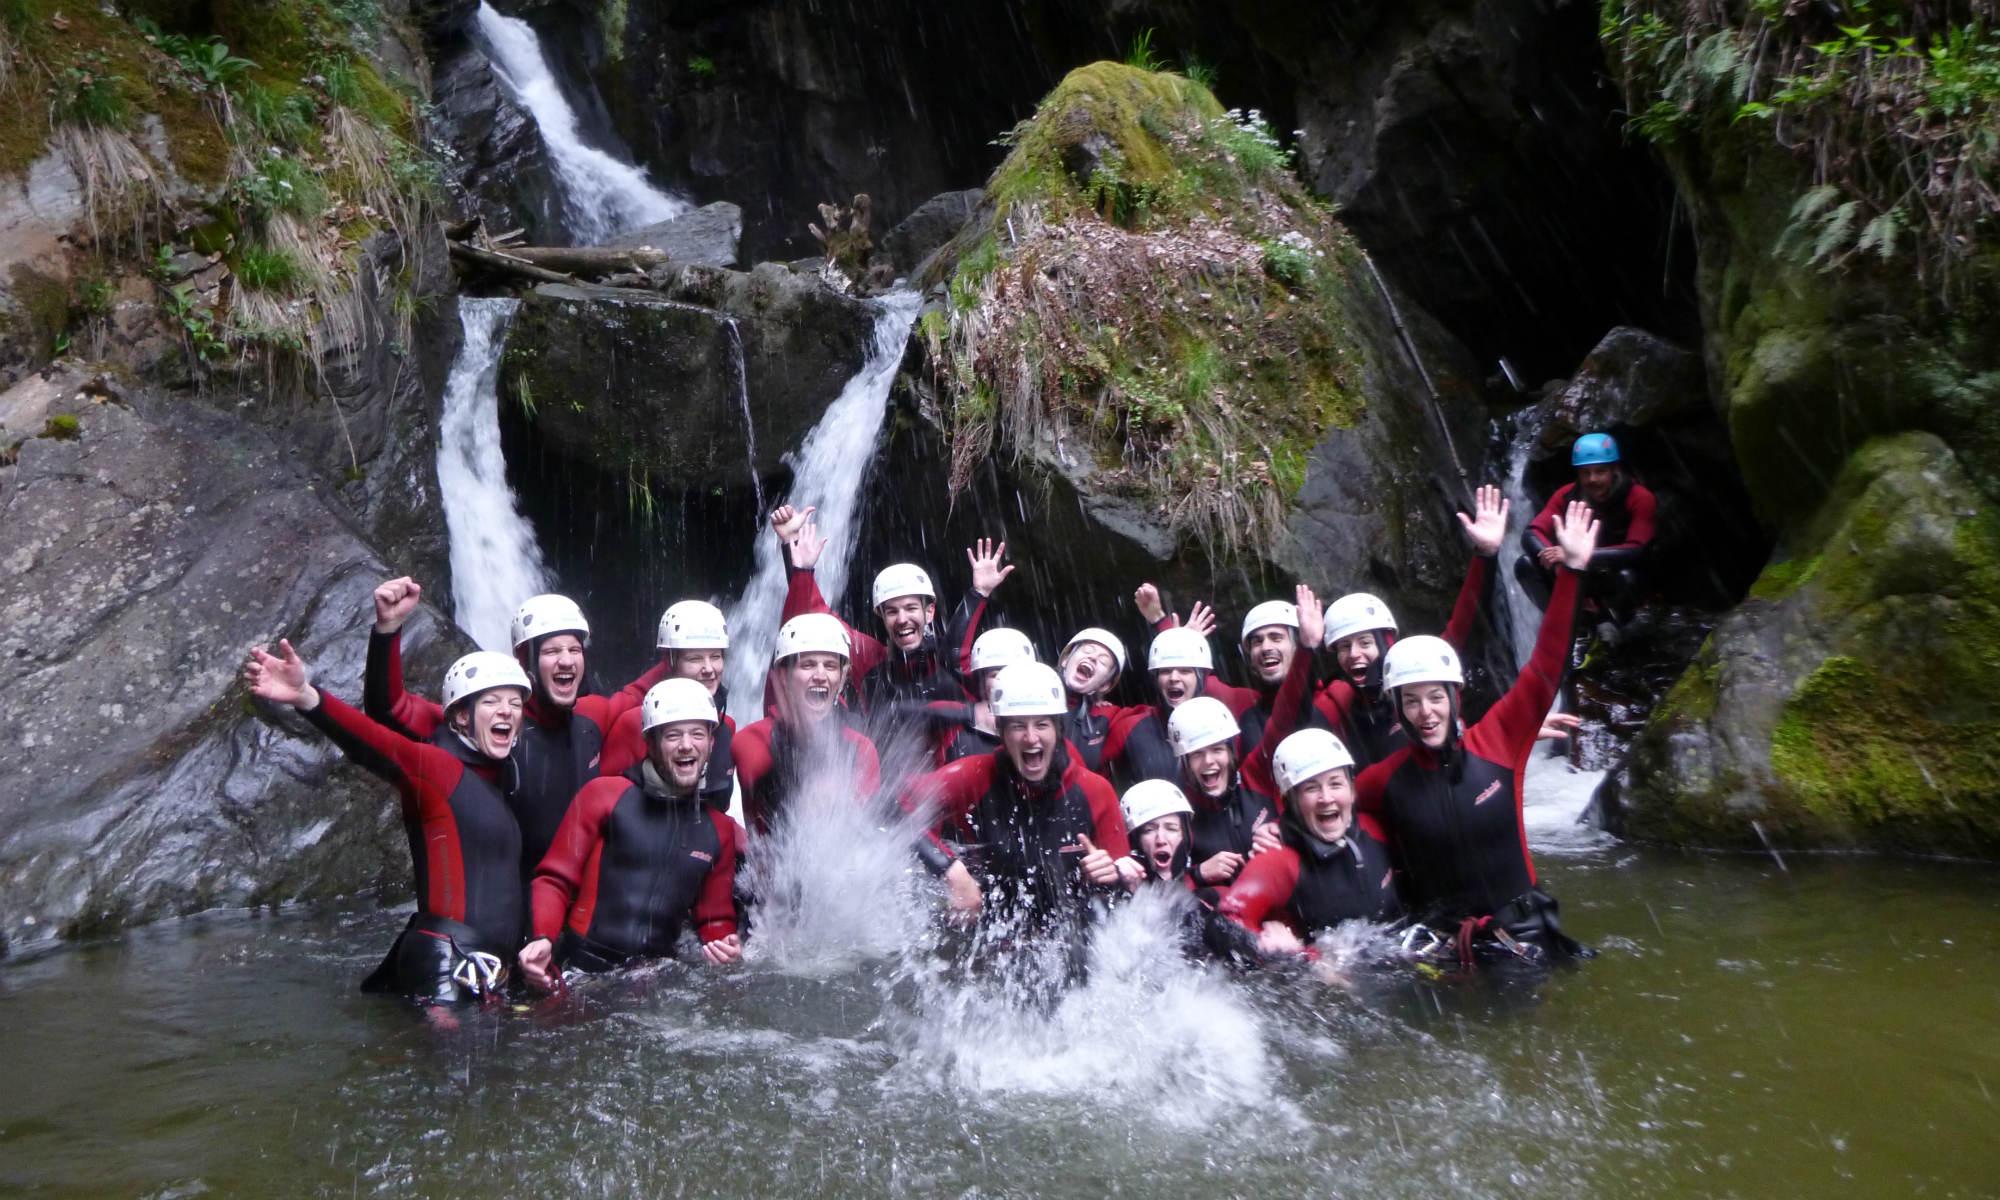 Eine Gruppe junger Menschen feiert einen Junggesellenabschied beim Canyoning nahe München.